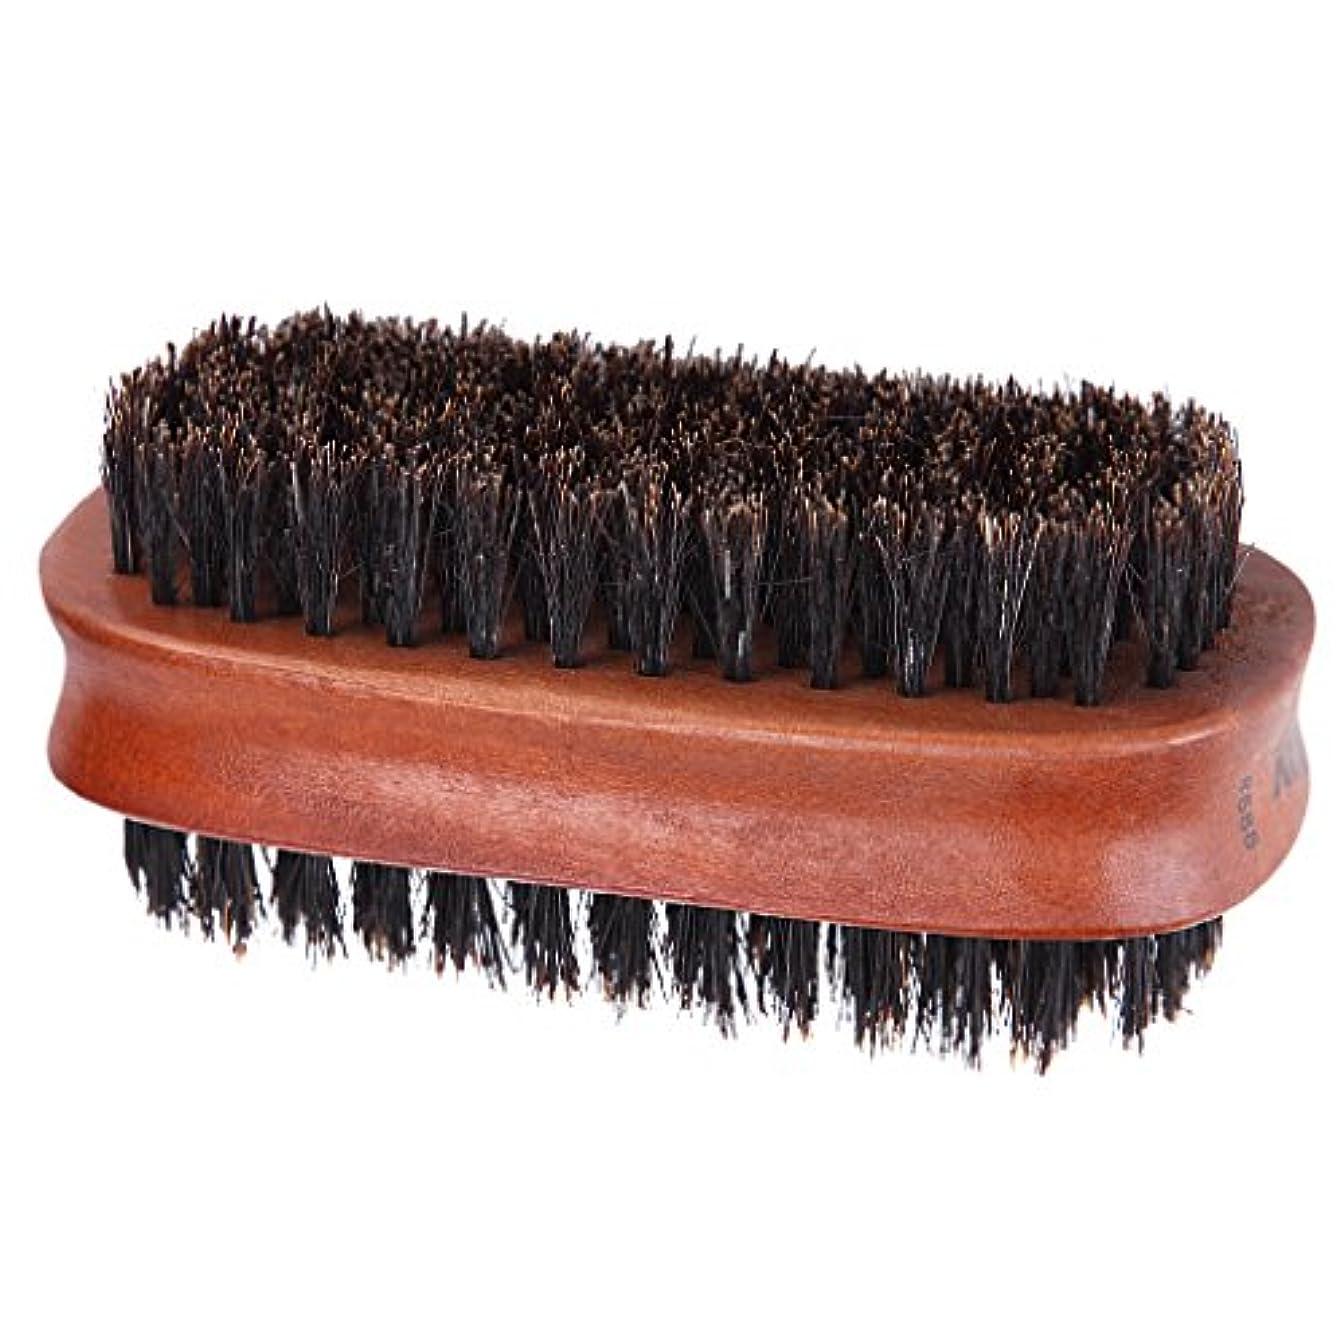 現実的乱闘めまいヘアブラシ 両面ブラシ 理髪店 美容院 ソフトブラシ ヘアカッター ダスターブラシ